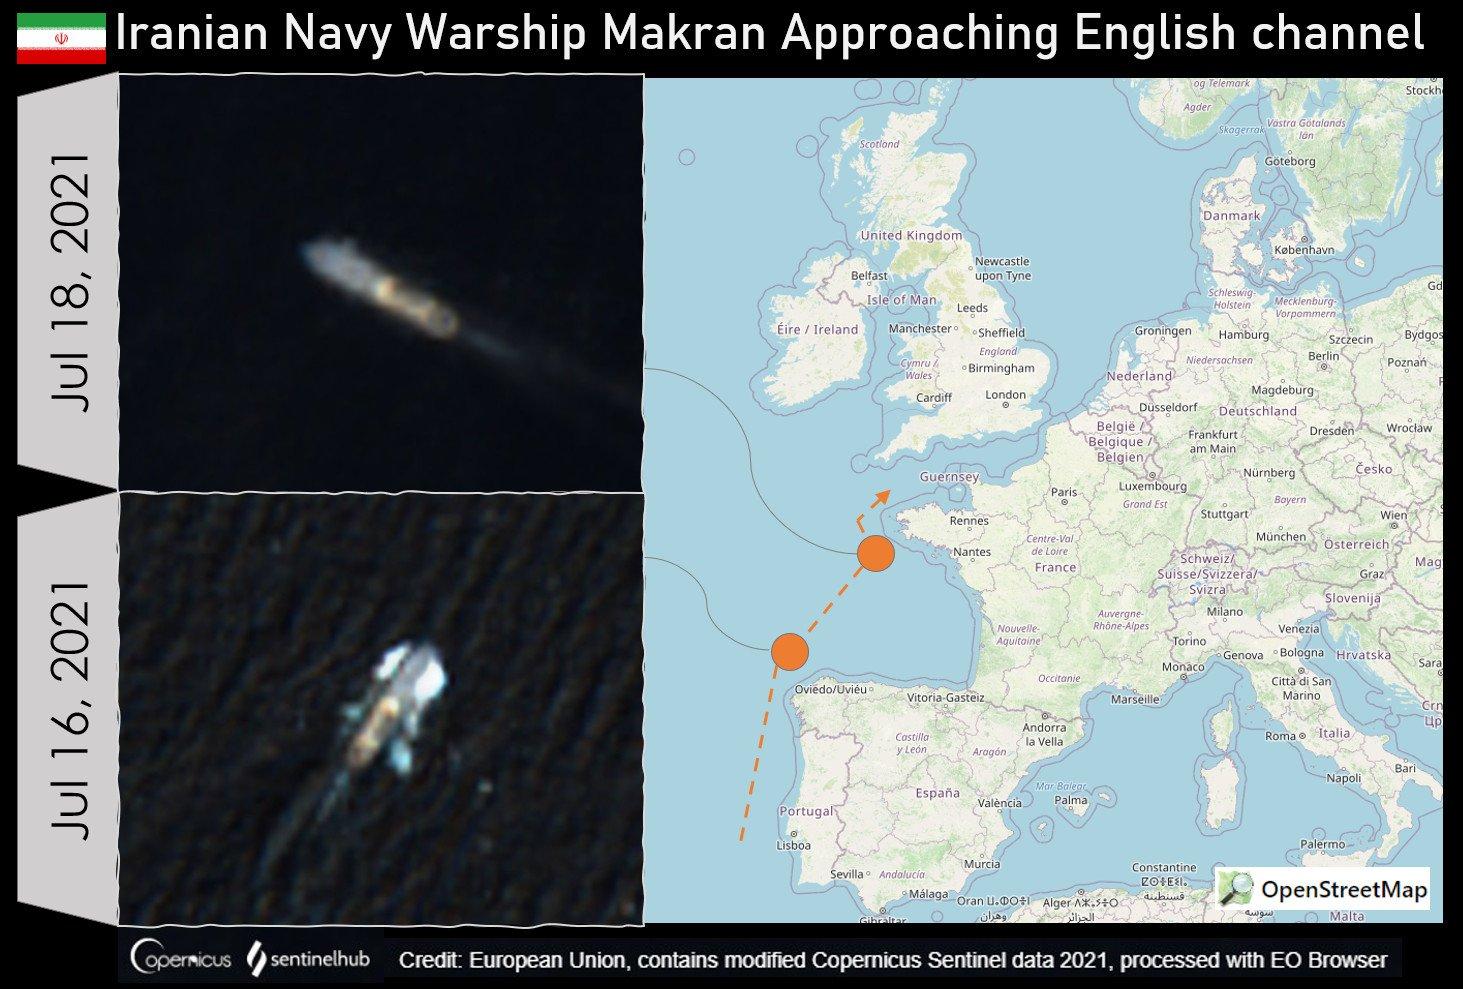 دو کشتی جنگی ایرانی در سواحل بریتانیا رسیدند (+عکس)